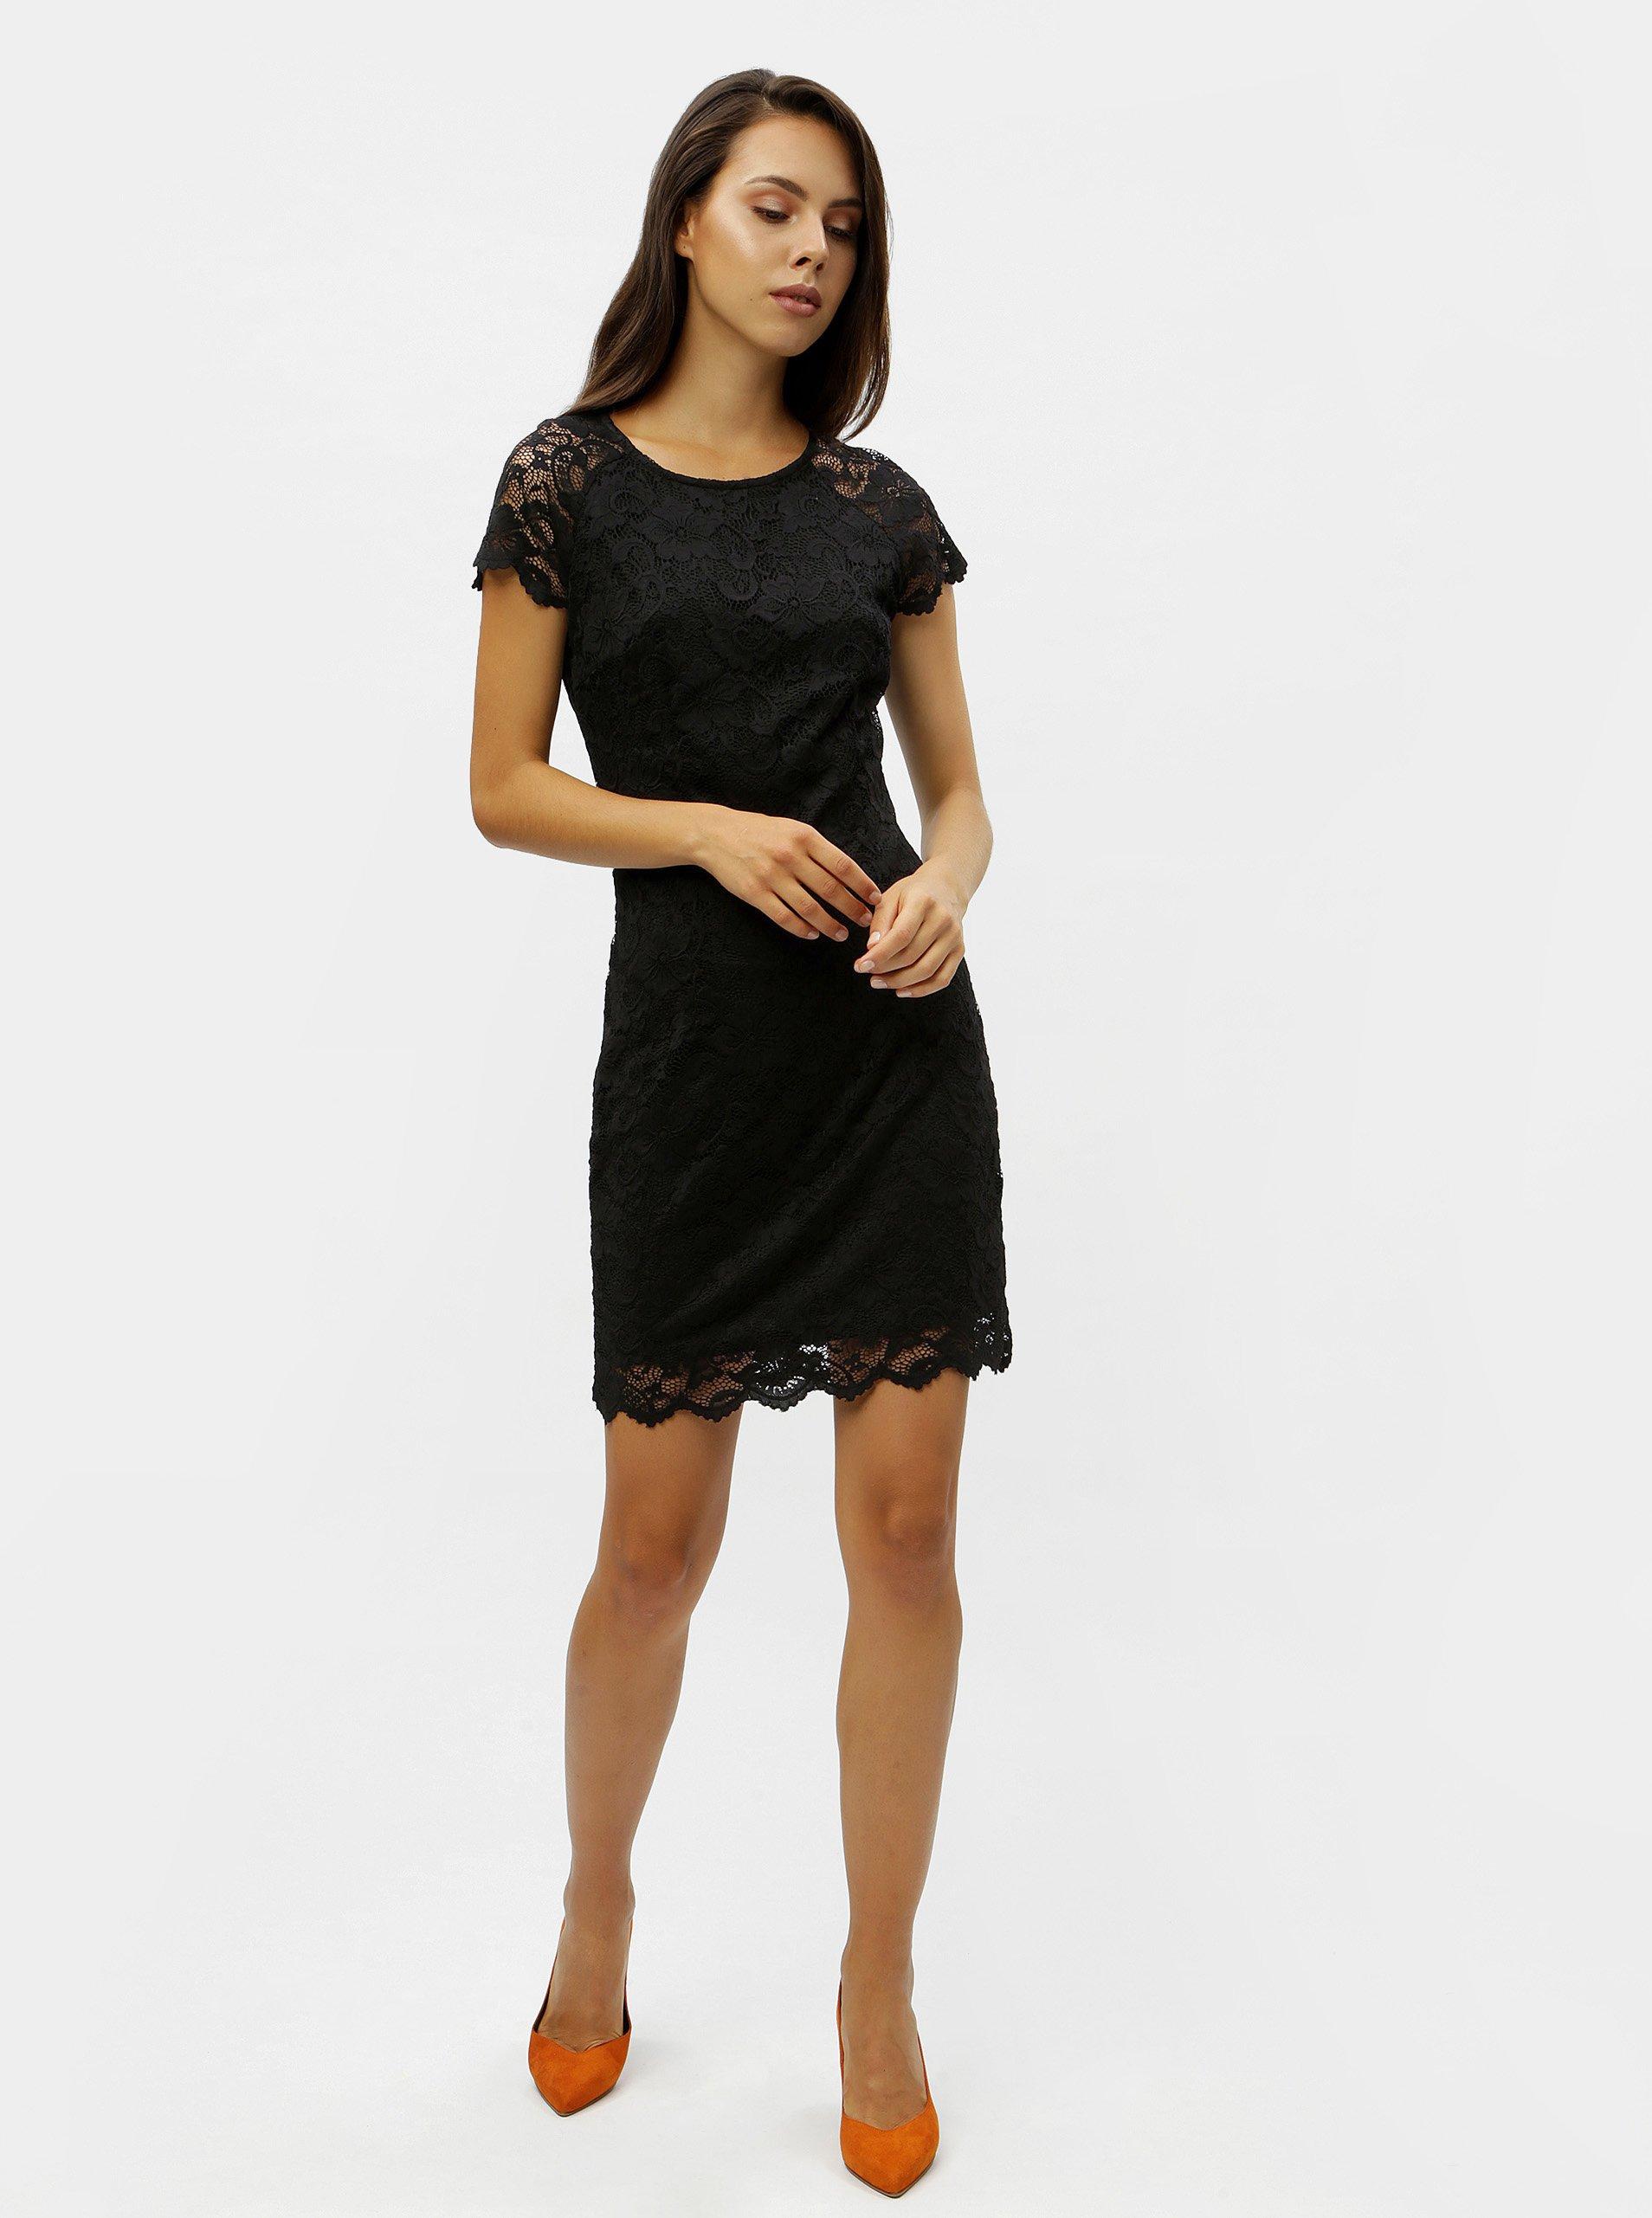 dae1531e26e8 Čierne čipkované šaty s krátkym rukávom VERO MODA Milli